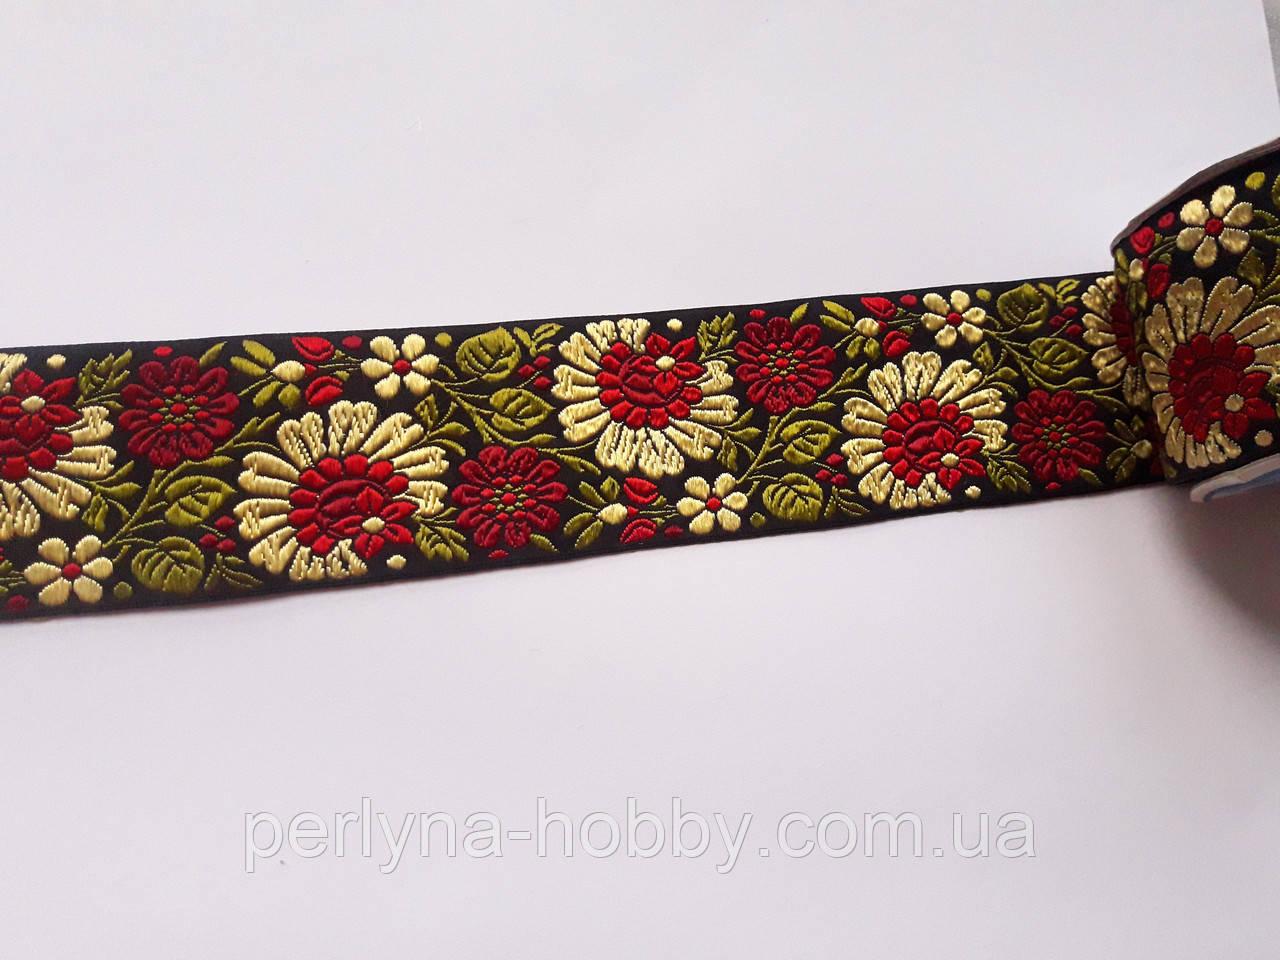 """Тесьма  орнамент, з вишивкою  """"Квіти на чорному """"Осінь"""""""" 6 см."""